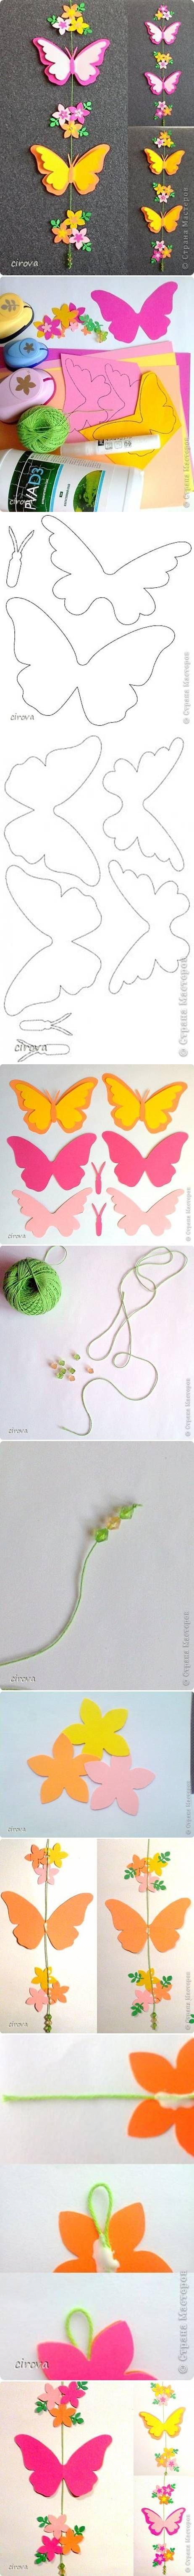 diy, paper, butterfly, mobile - Folkvox - Imágenes que hablan de mí -